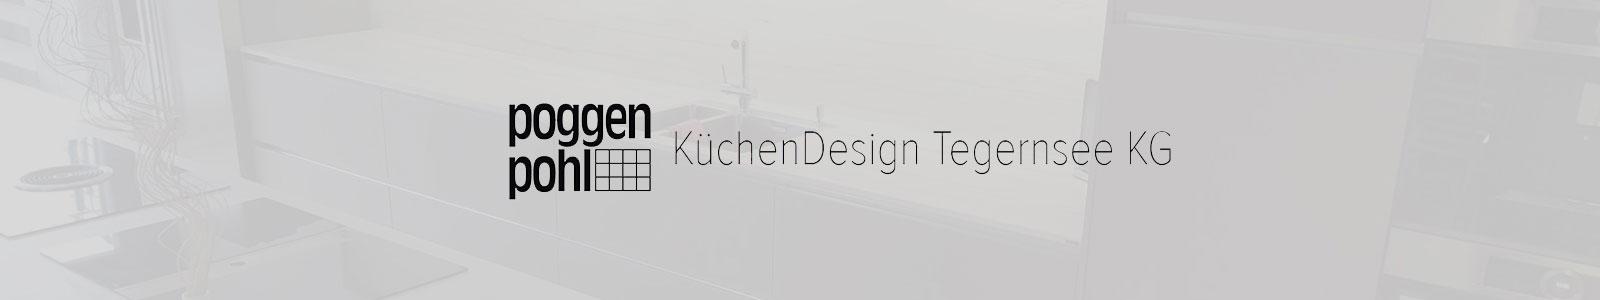 KüchenDesign Tegernsee